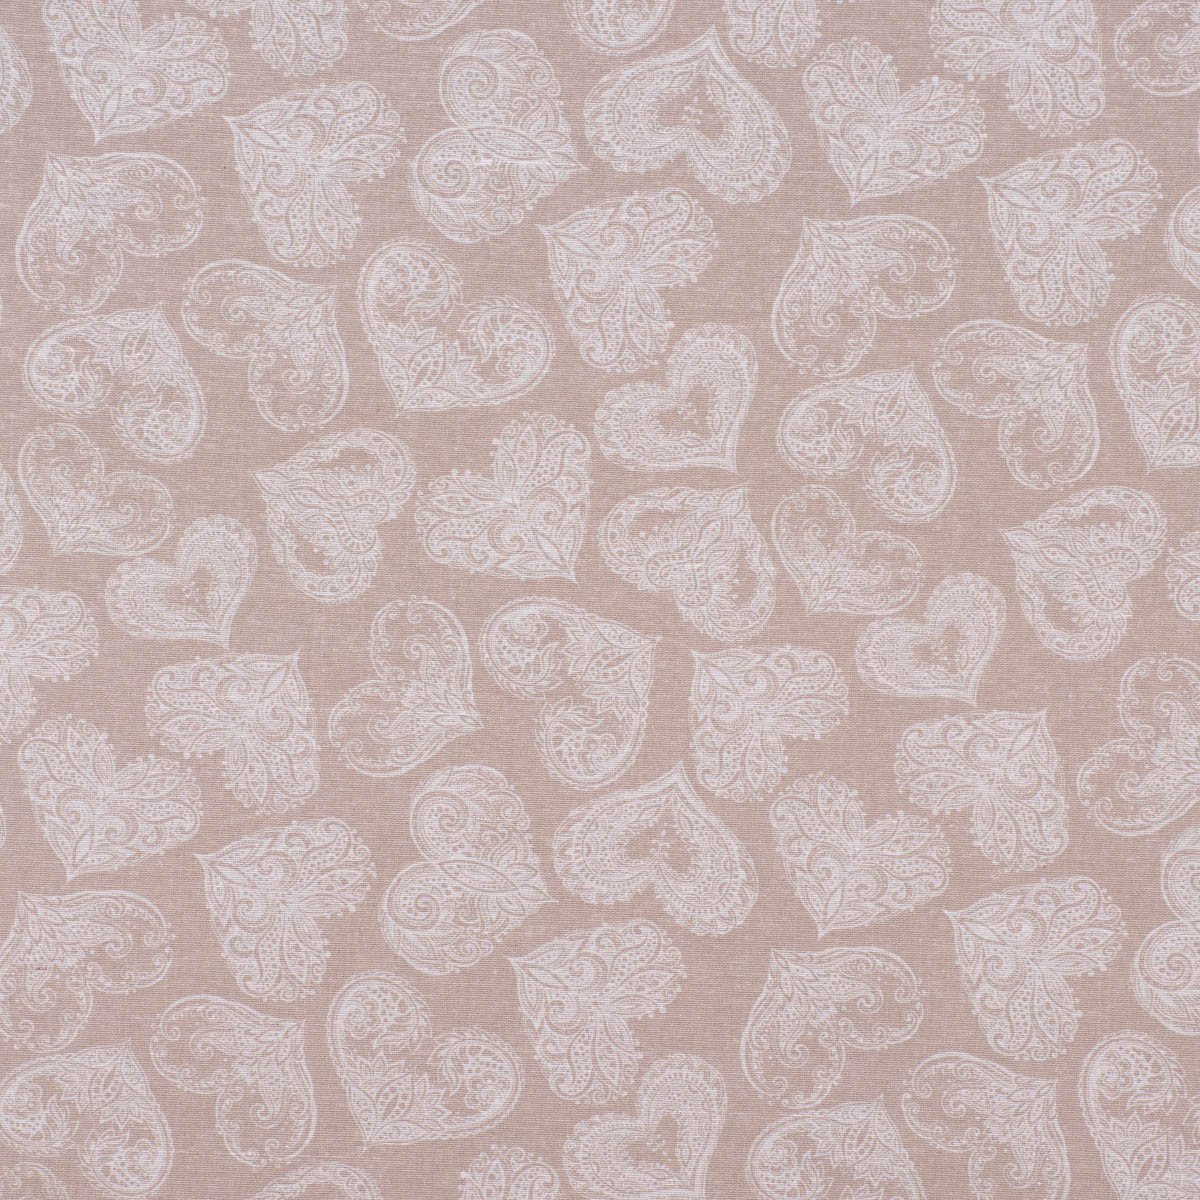 Dekostoff Ottoman Baumwoll-Mischgewebe Gorse Ornament-Herzen natur weiß 1,40m Breite